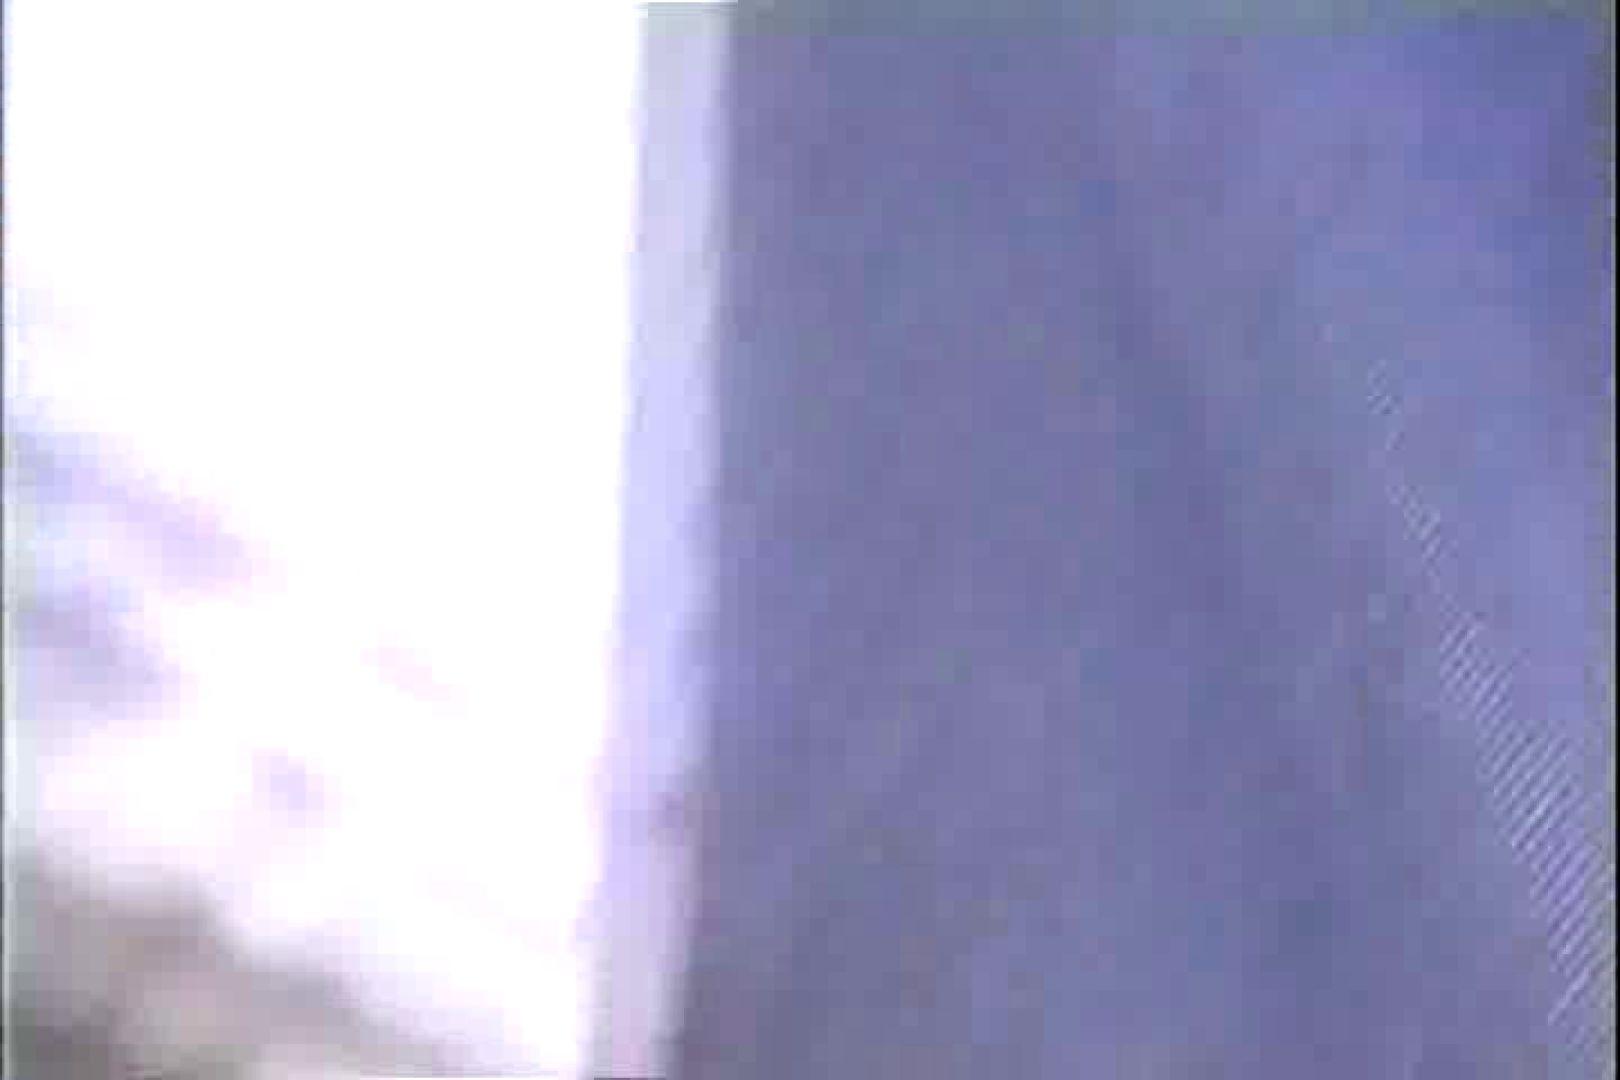 「ちくりん」さんのオリジナル未編集パンチラVol.3_01 お姉さんヌード  100画像 72